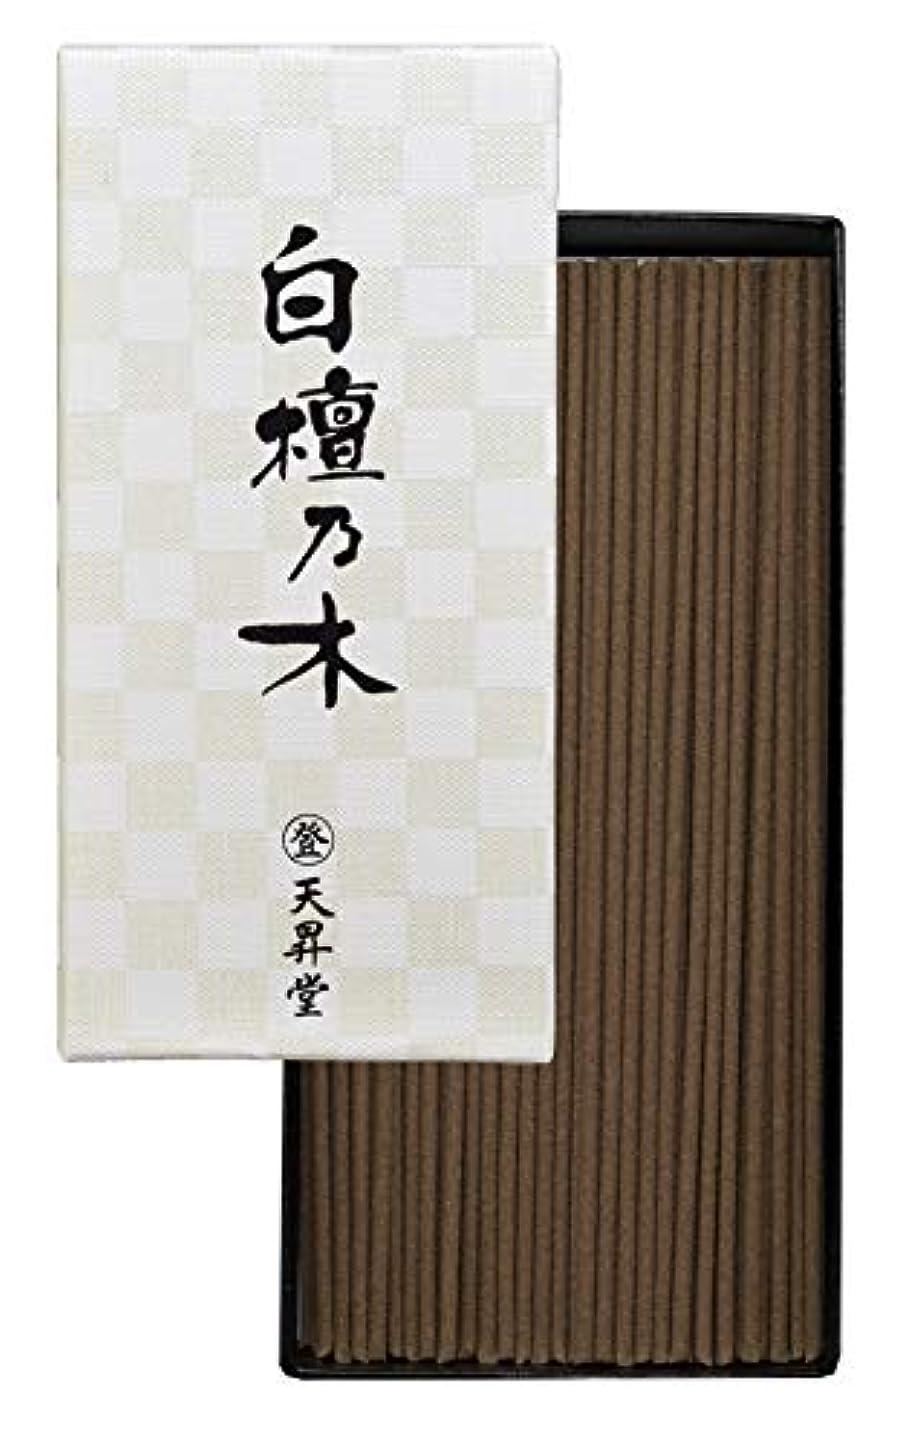 通りピューリネン天昇堂のお線香 白檀乃木 バラ詰め 約40g